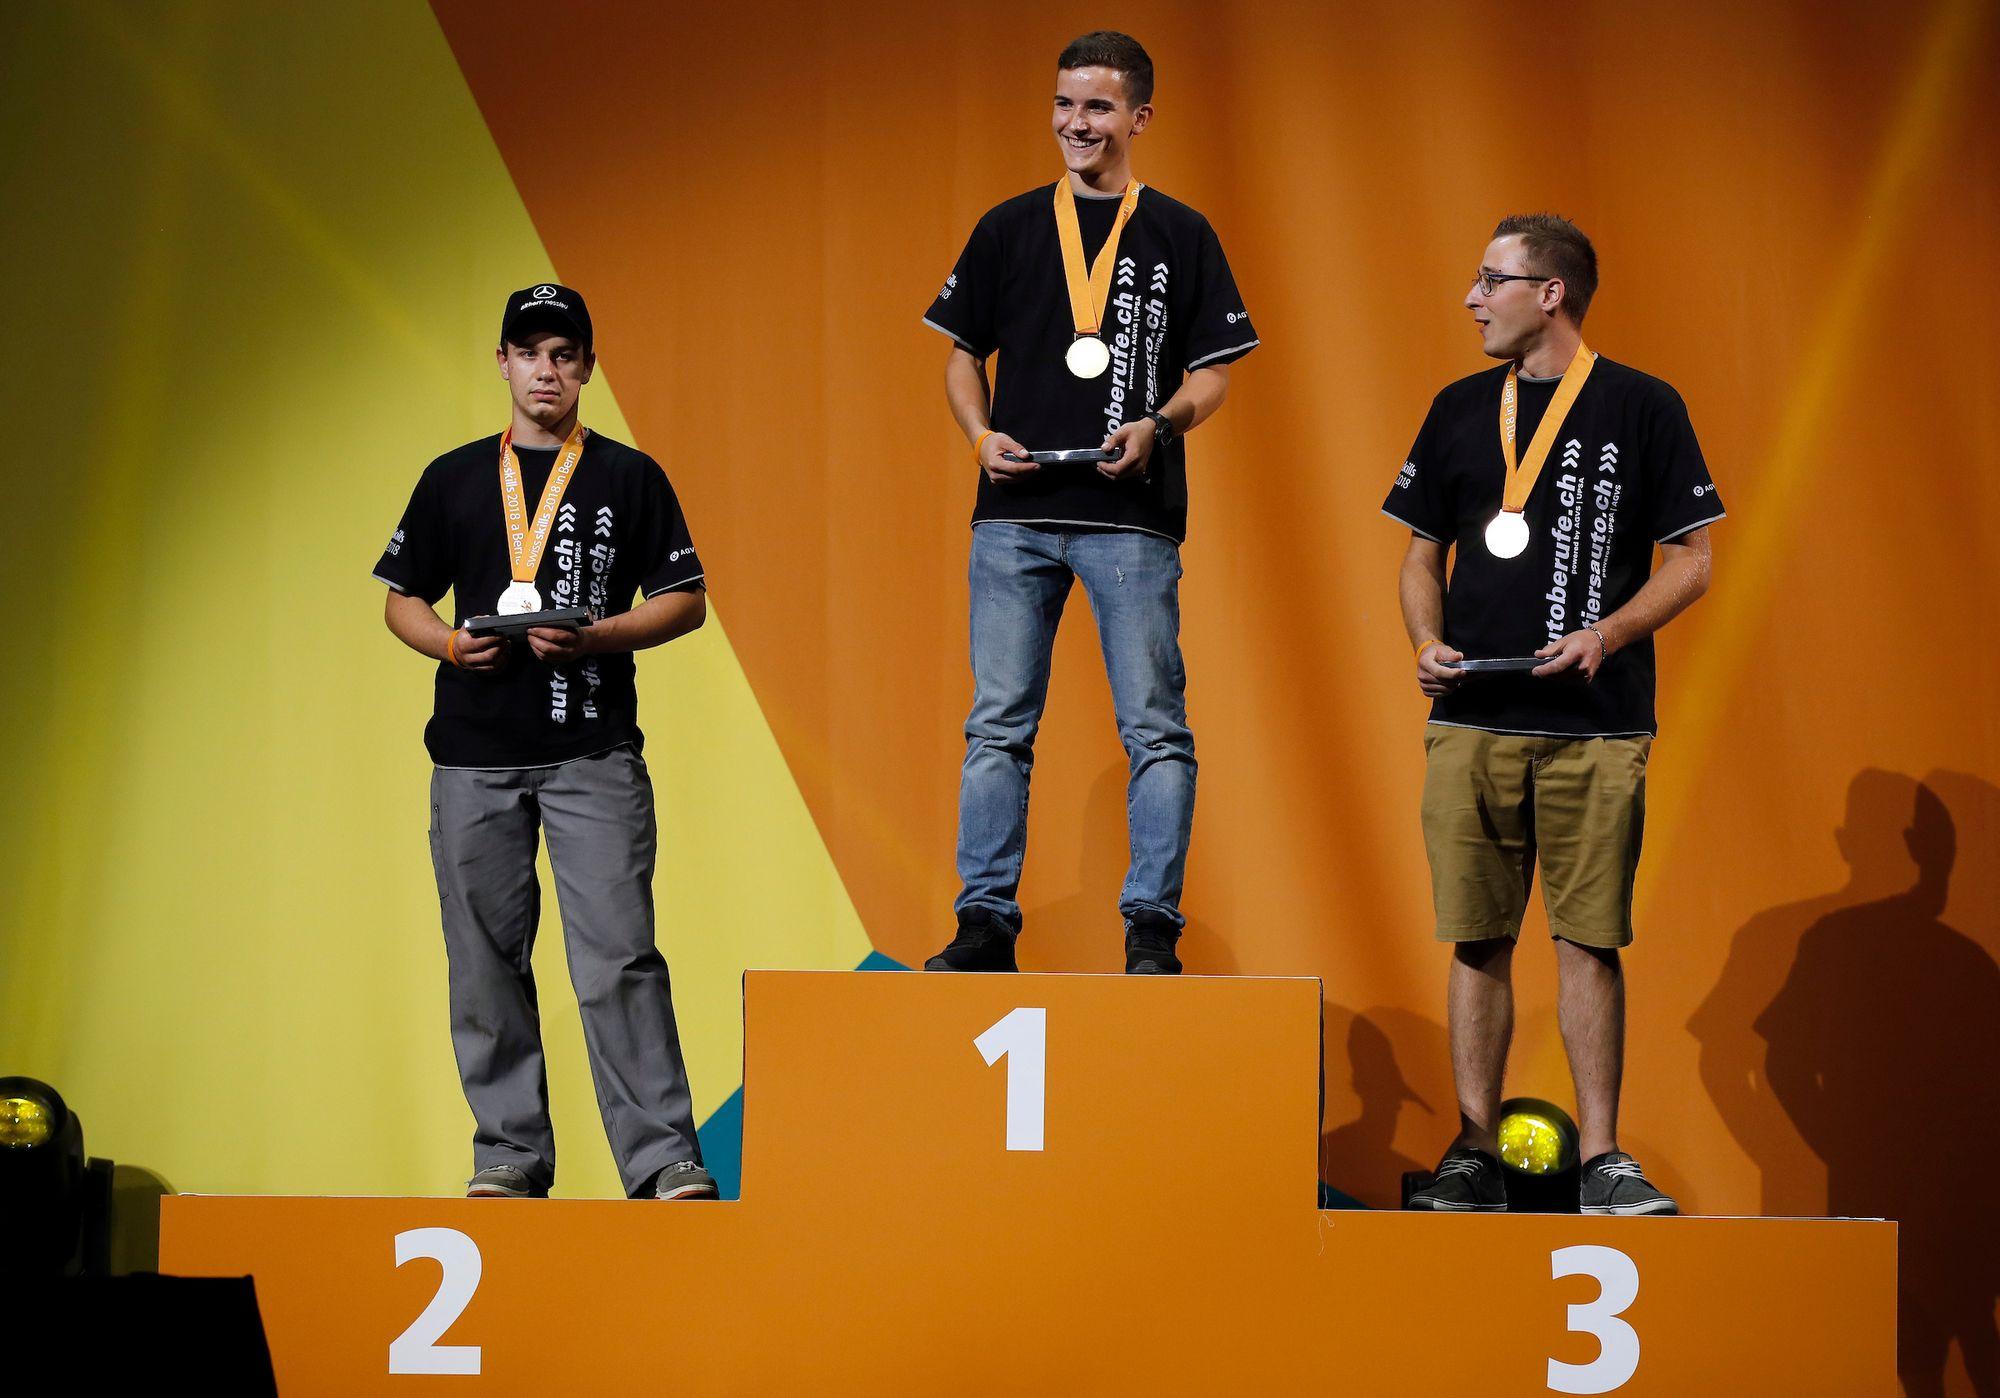 Médaille d'or pour Florent Lacilla de Cottens et bronze pour Steve Rolle de Farvagny